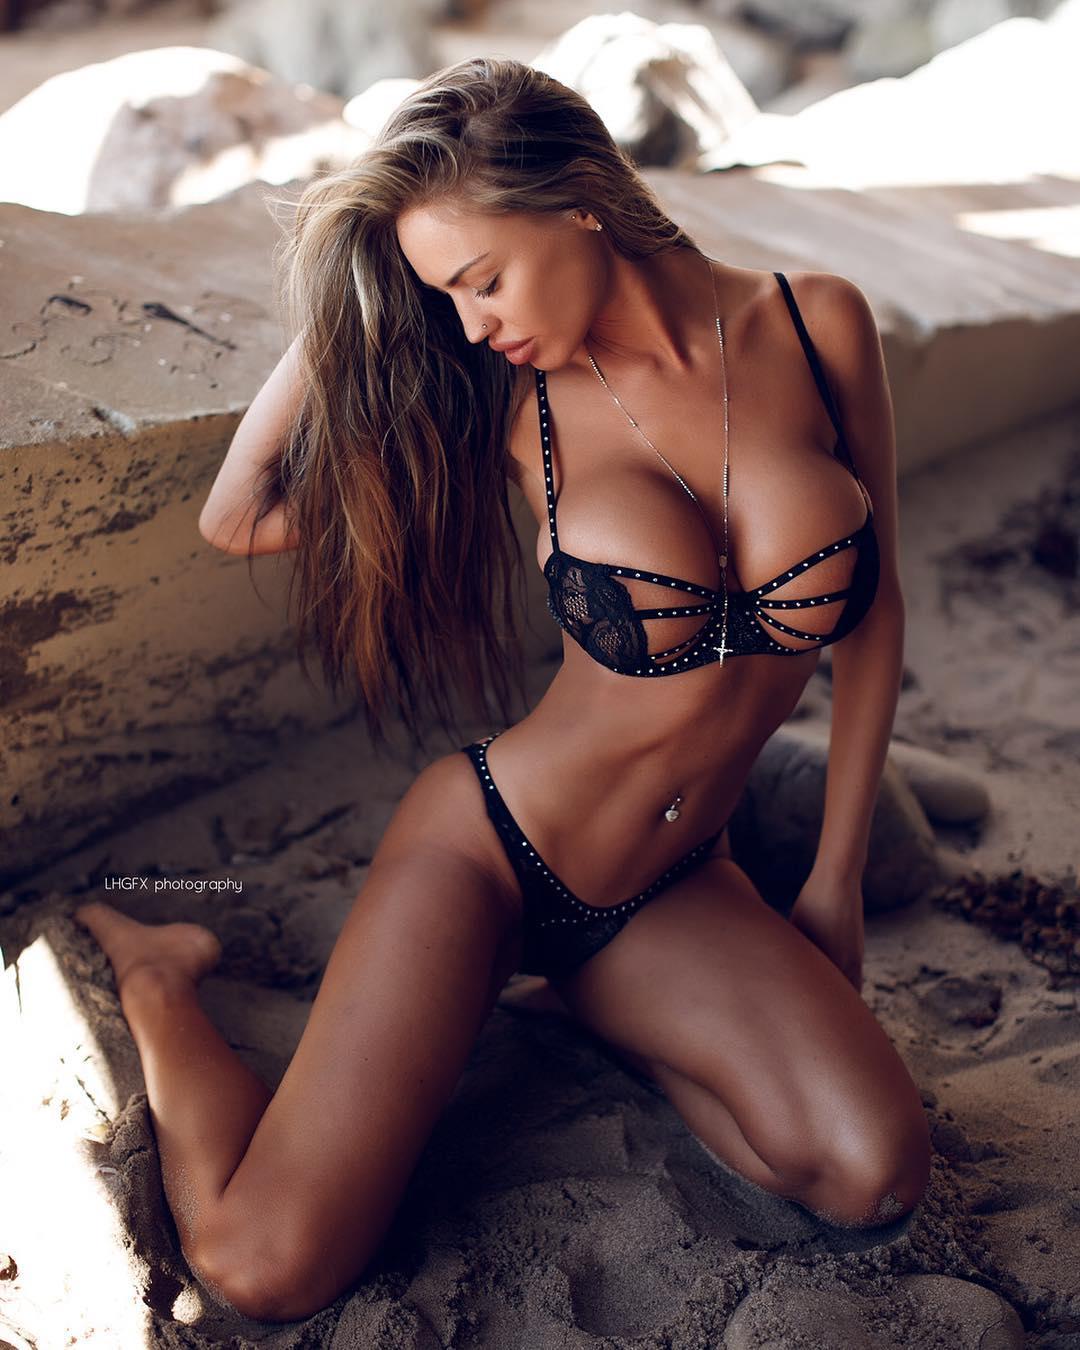 Ania Porn charlie riina ania porn pic - eporner